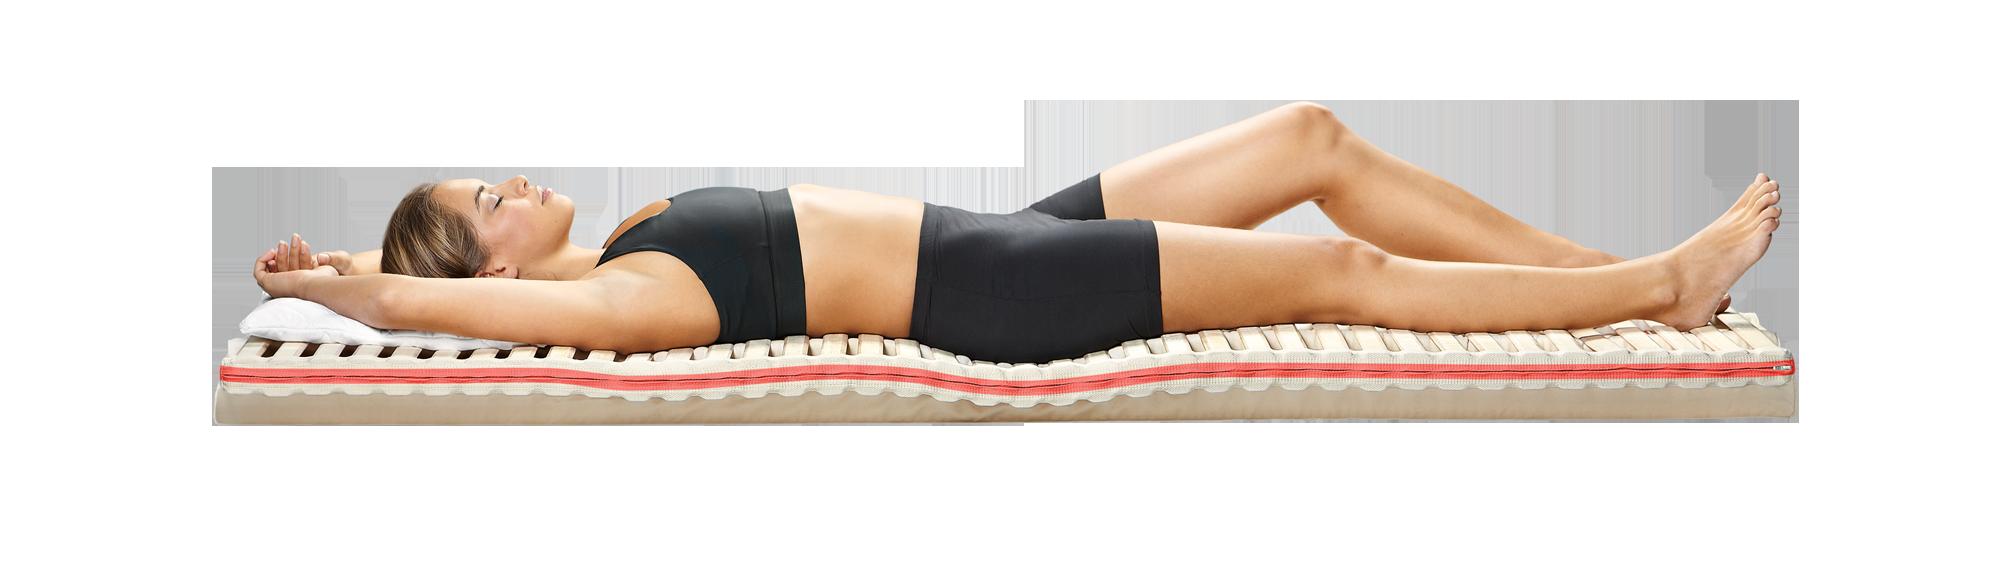 Wirbelscanner-Analyse Schlaf-System Unterfederung Matratze Kopfkissen